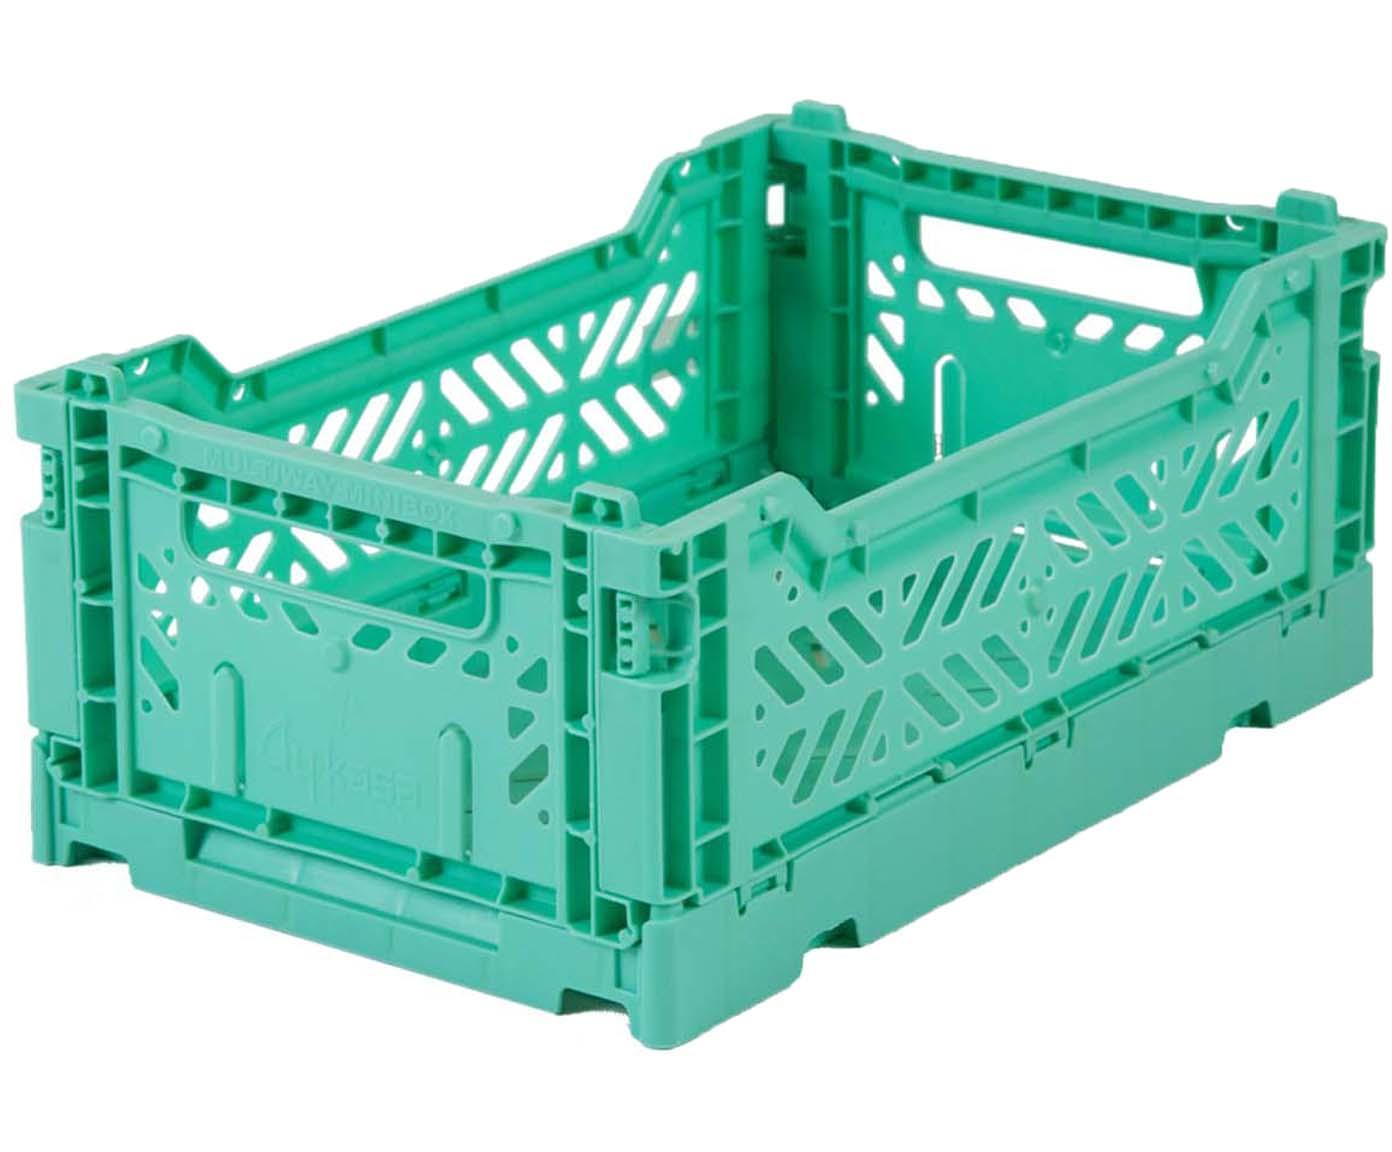 Kosz do przechowywania Mint, składany, mały, Tworzywo sztuczne z recyklingu, Miętowozielony, S 27 x W 11 cm